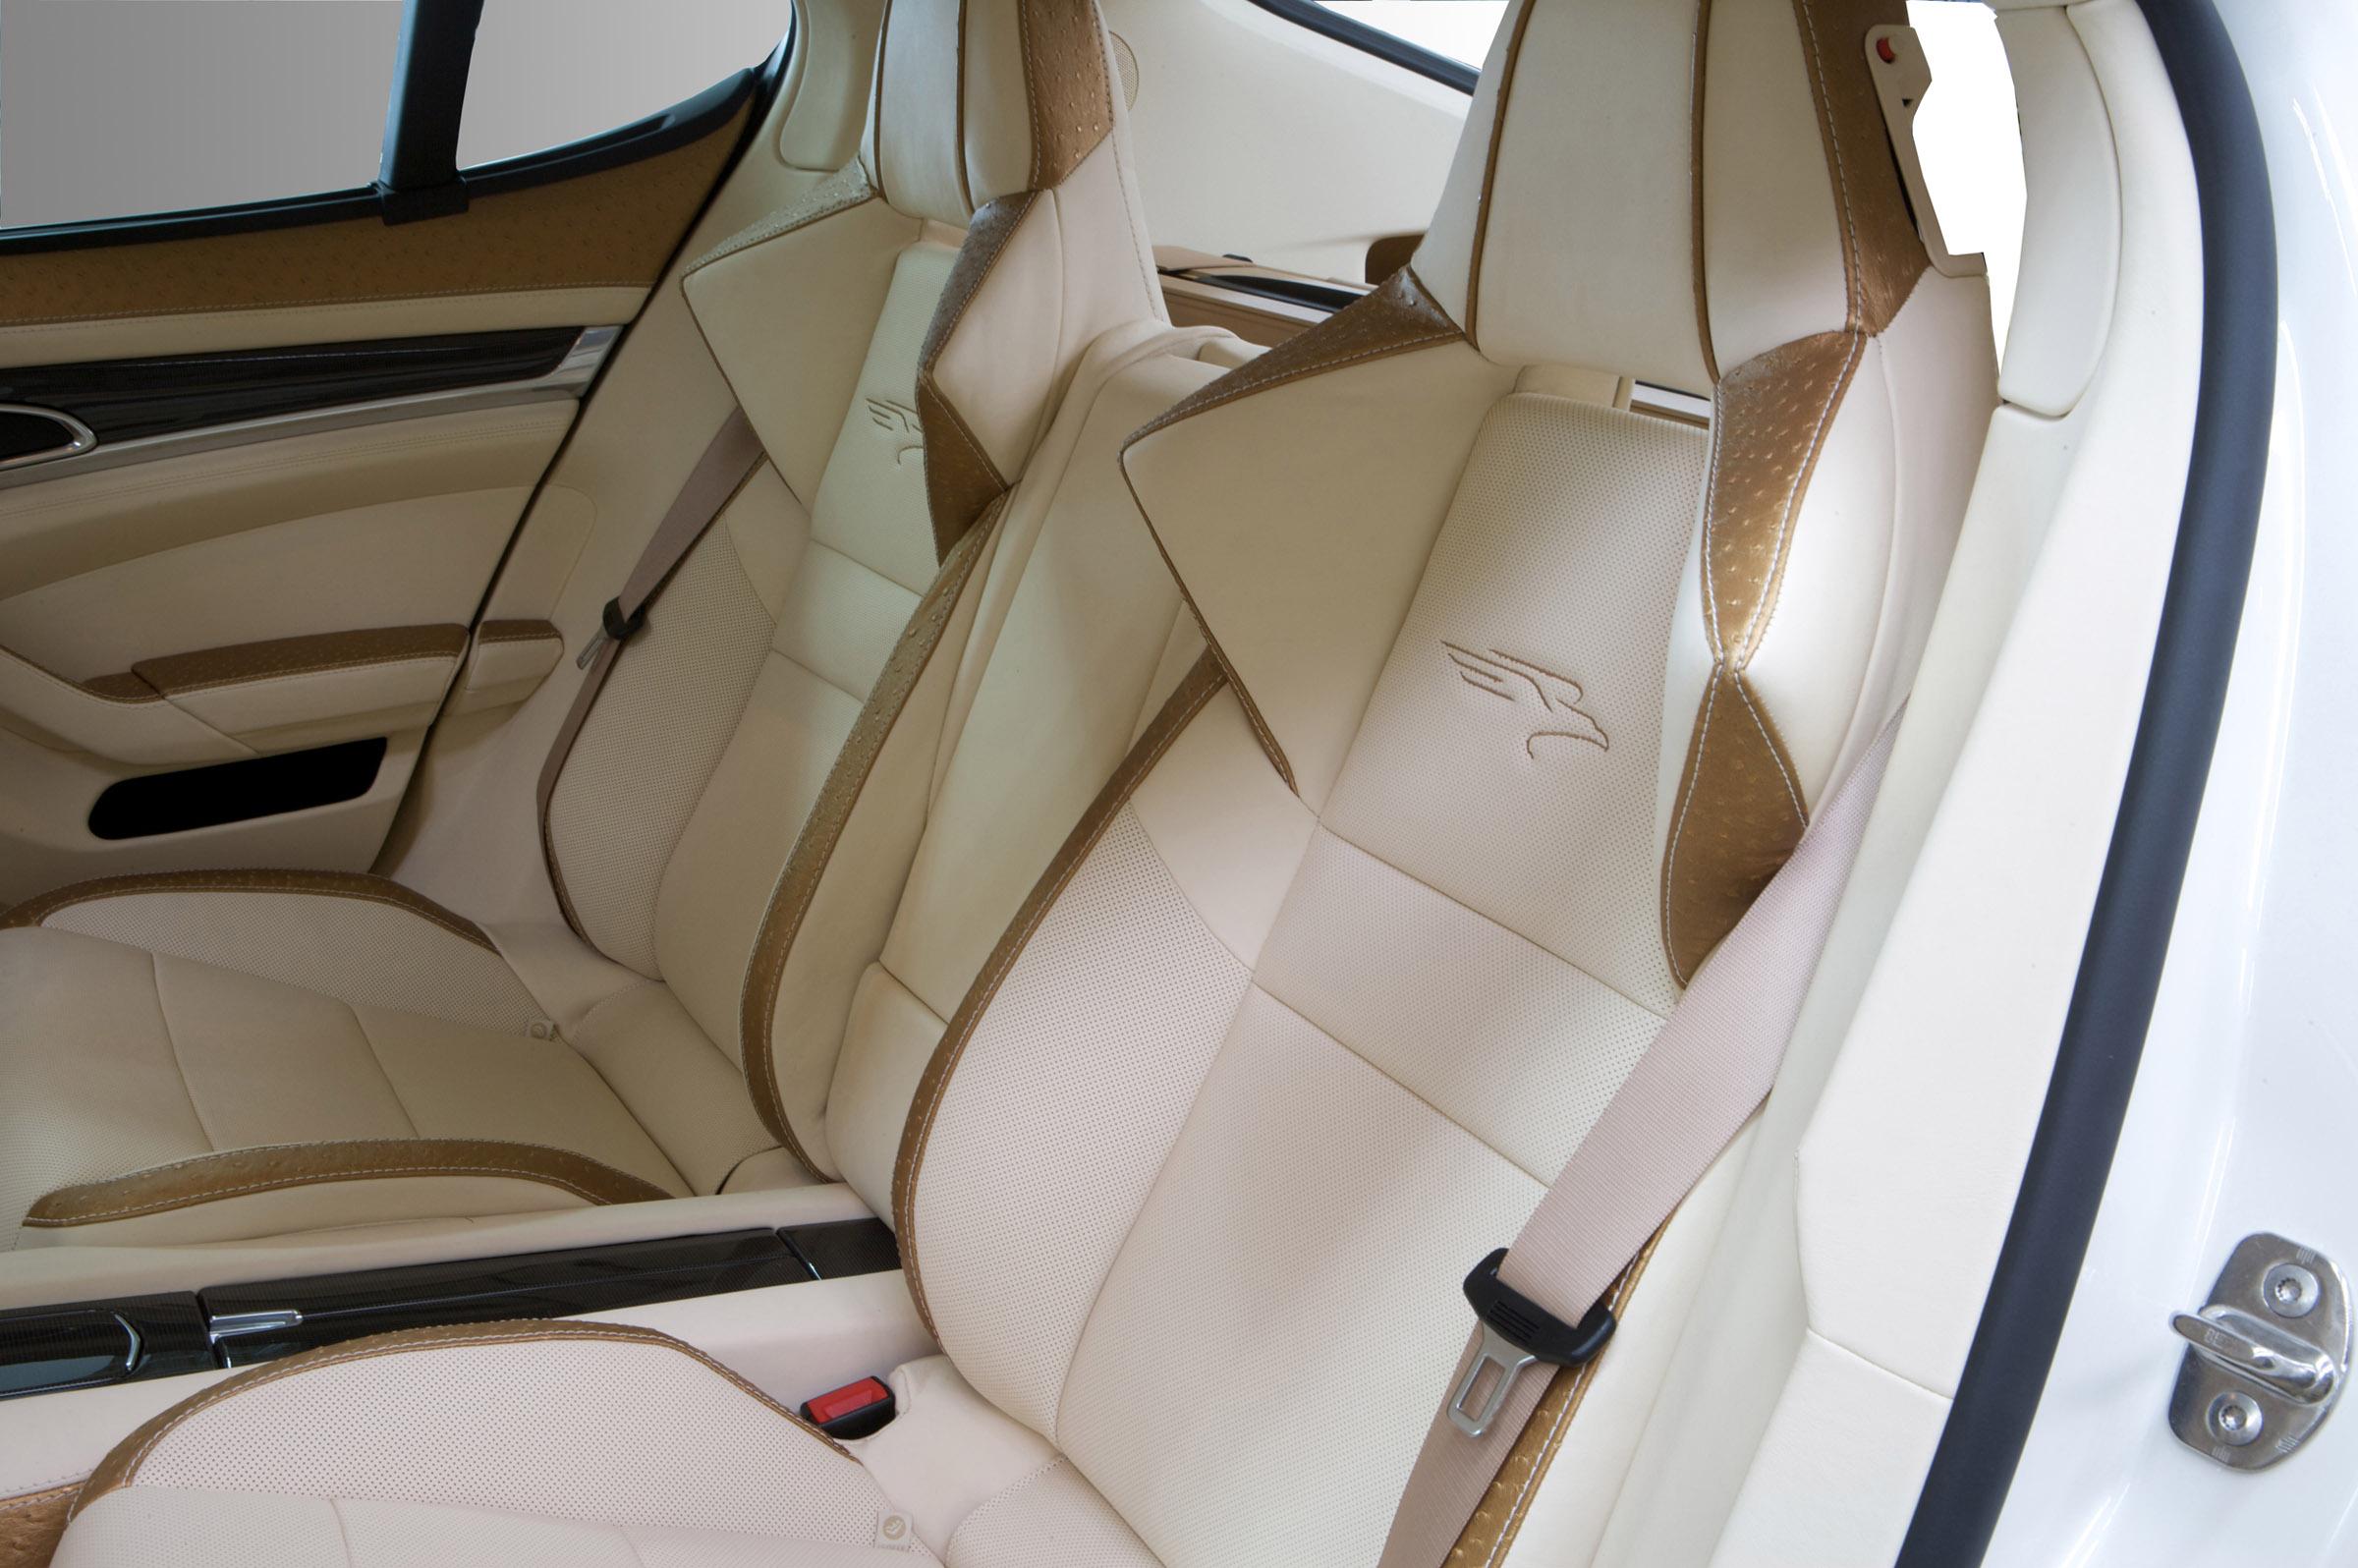 Porsche Panamera Interior Dimensions